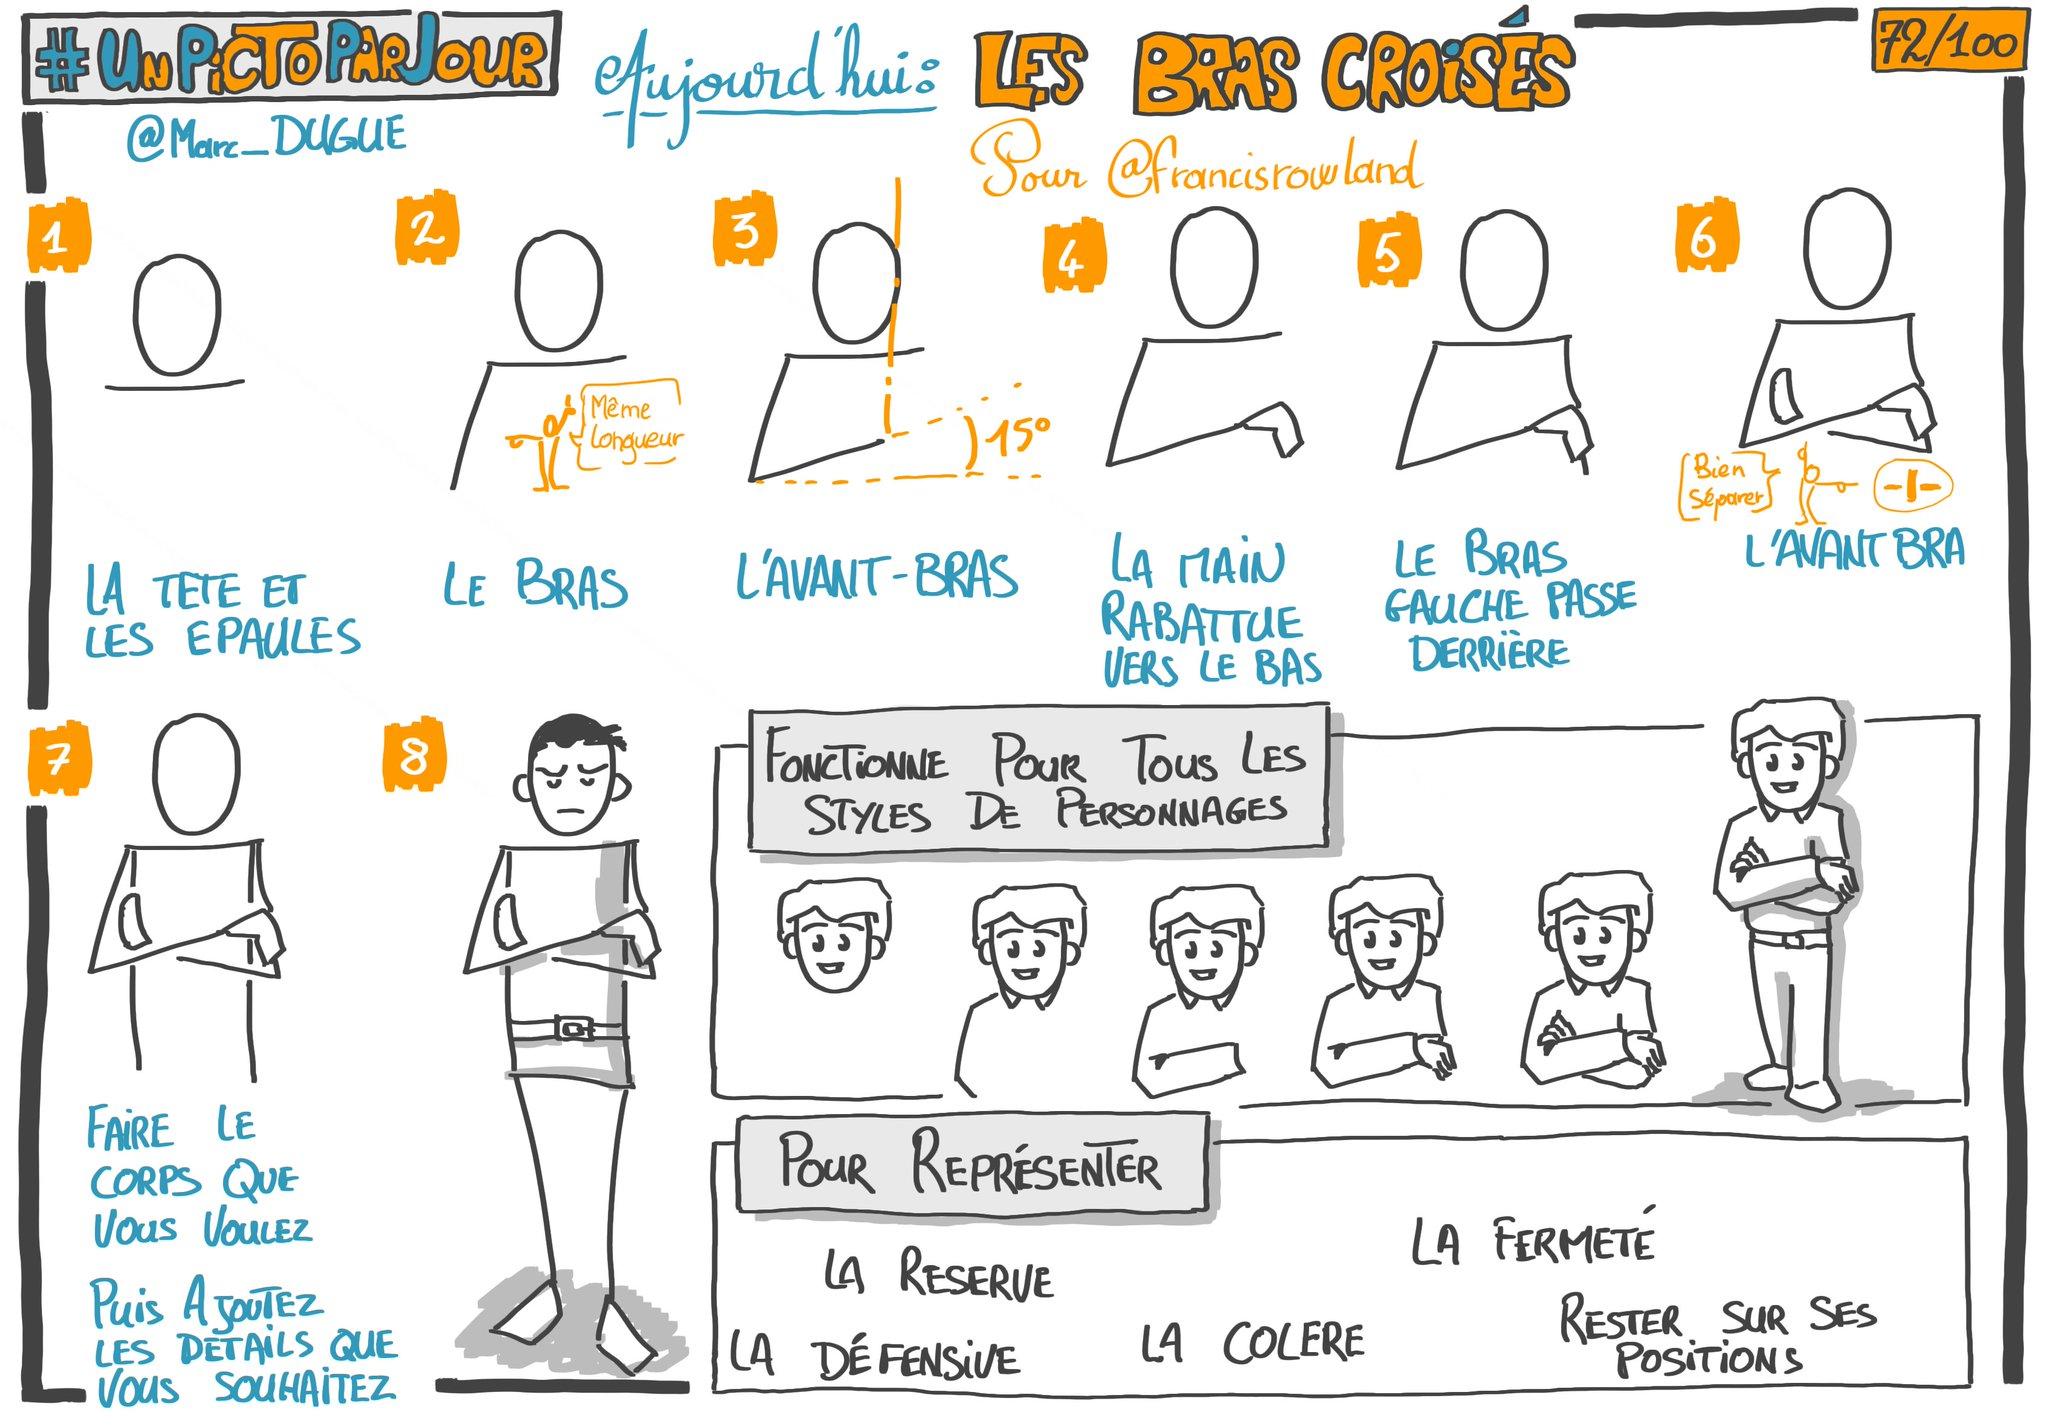 Apprenez les #sketchnotes  #UnPictoParJour. Aujourd'hui : Une pose : les bras croisés. Une idée de @francisrowland https://t.co/p7pJd2wbIs